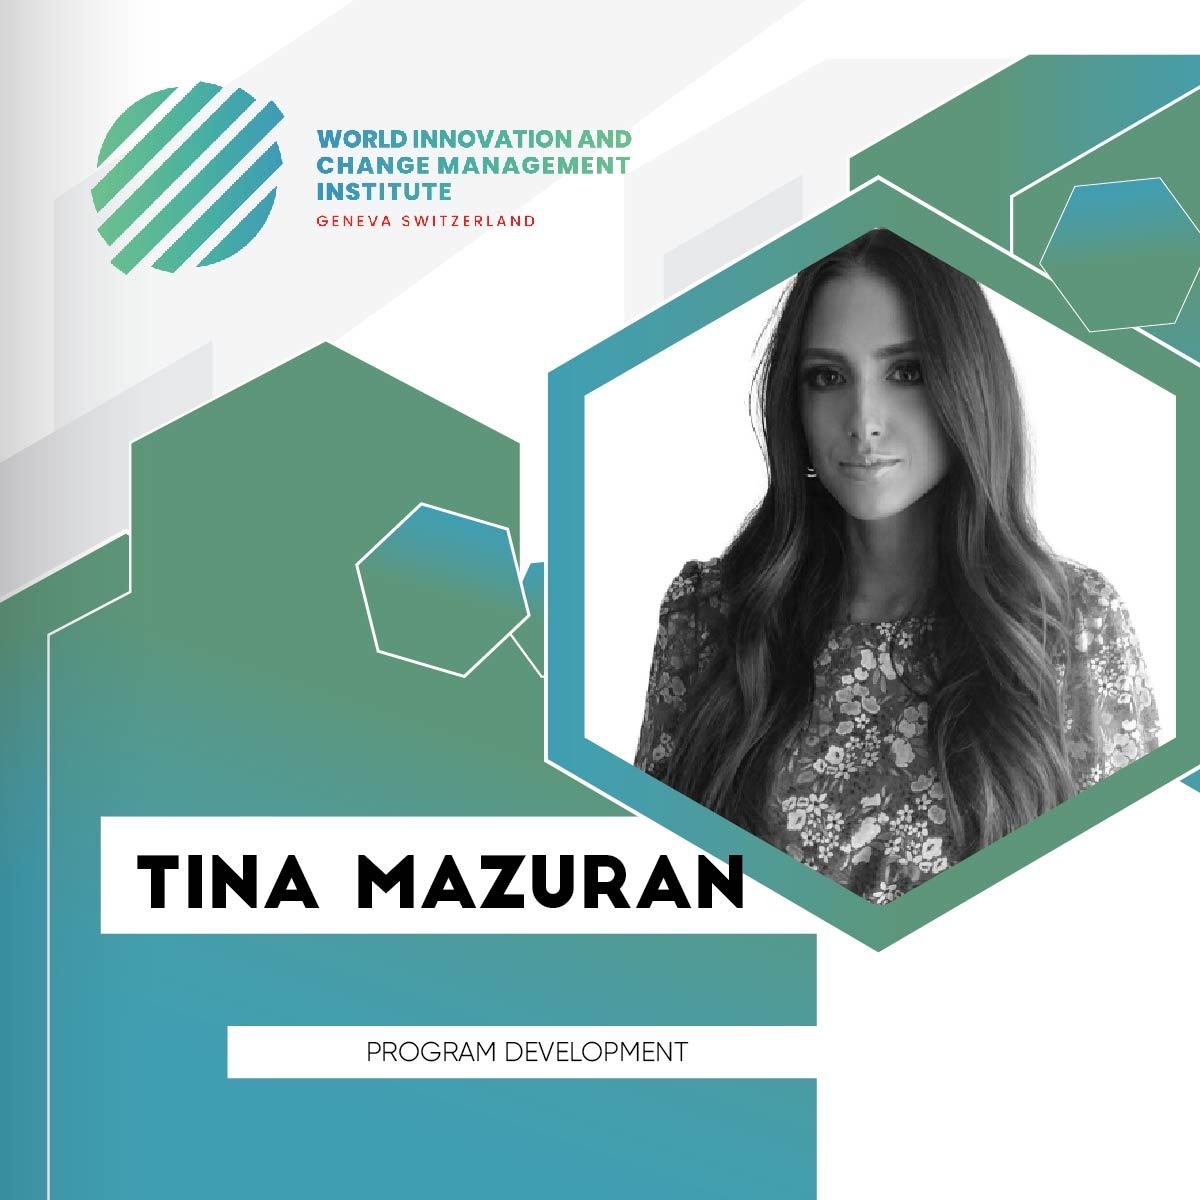 Tina Mazuran